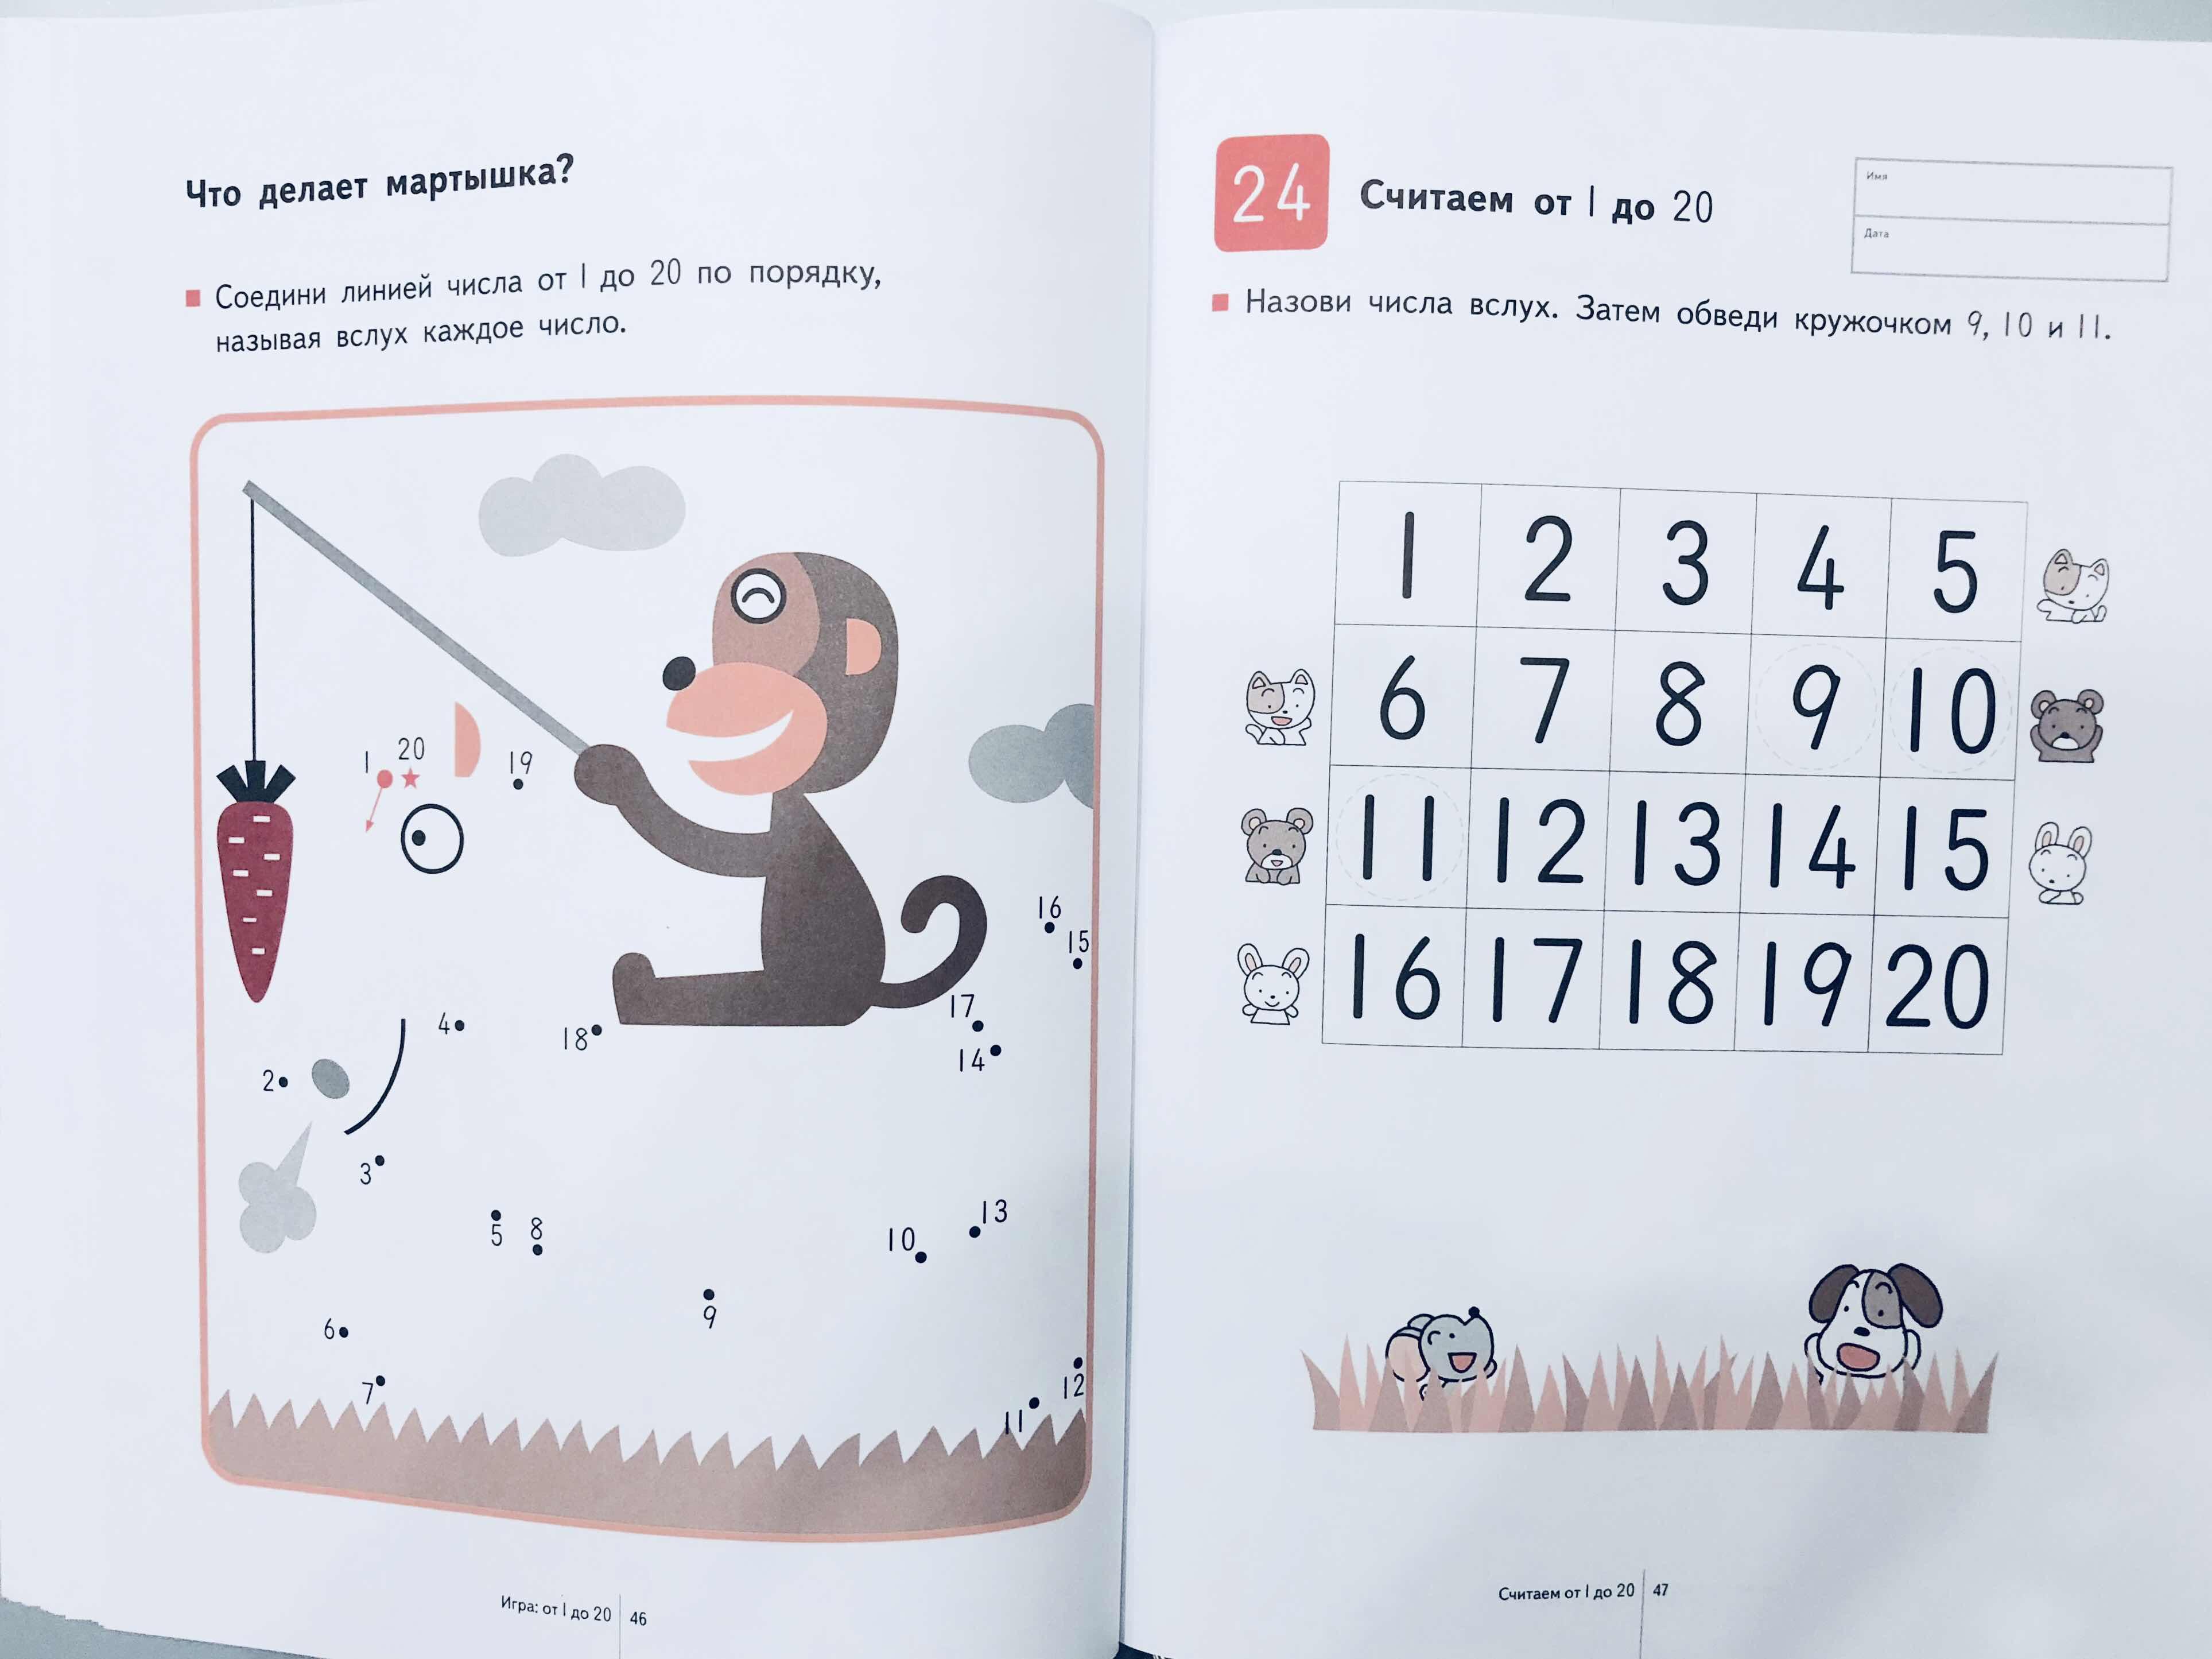 Начинаем учиться считать. Изучаем счет от 1 до 30. 15